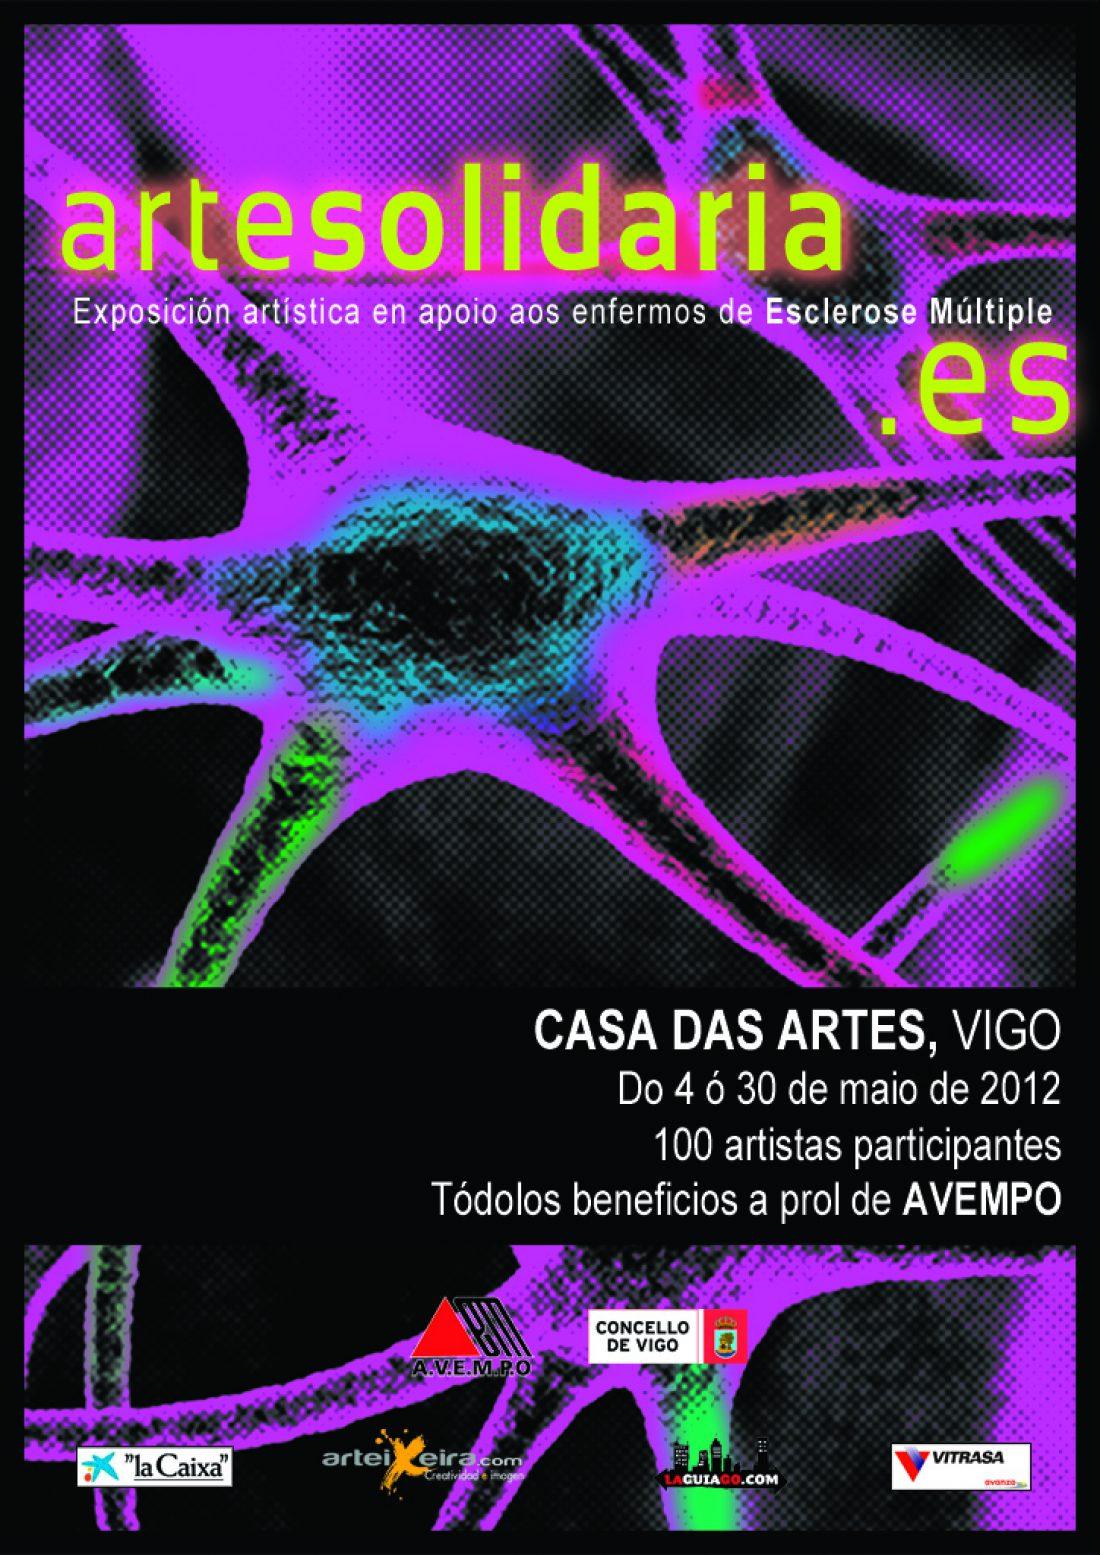 Adela Rodriguez - Exposicion - Arte solidario